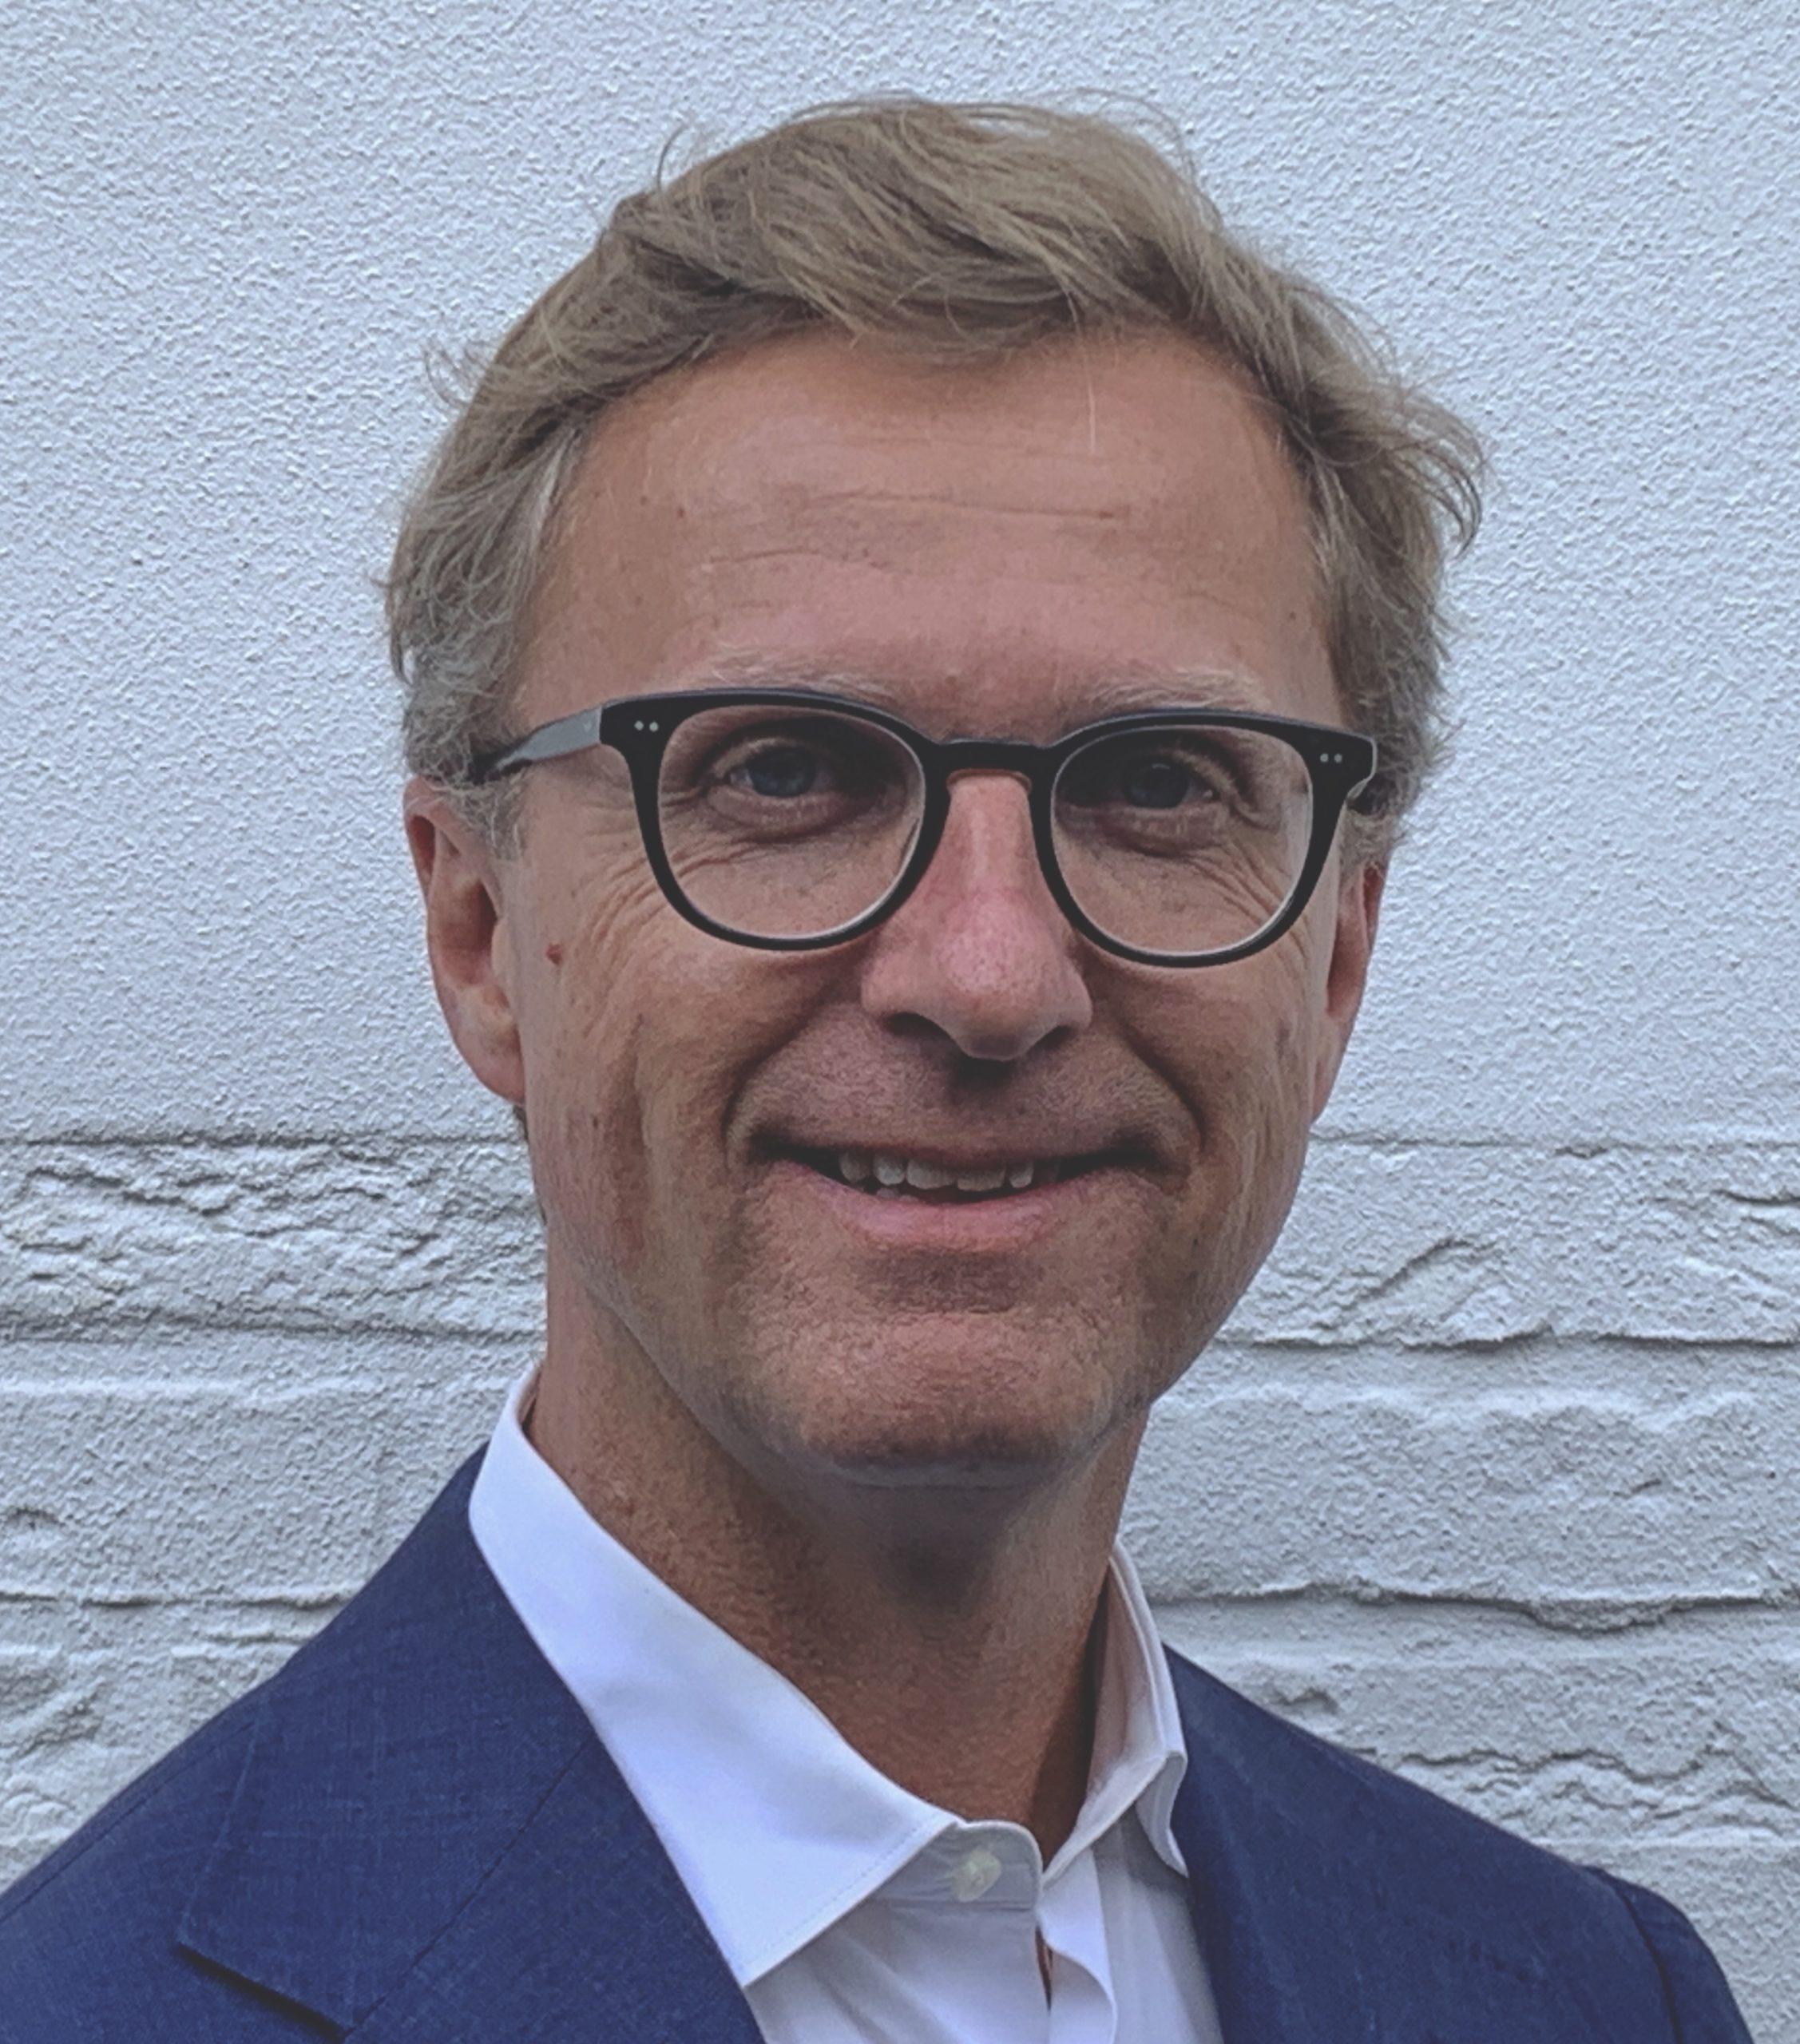 Meewind benoemt Chrisbert van Kooten tot Chief Financial Officer